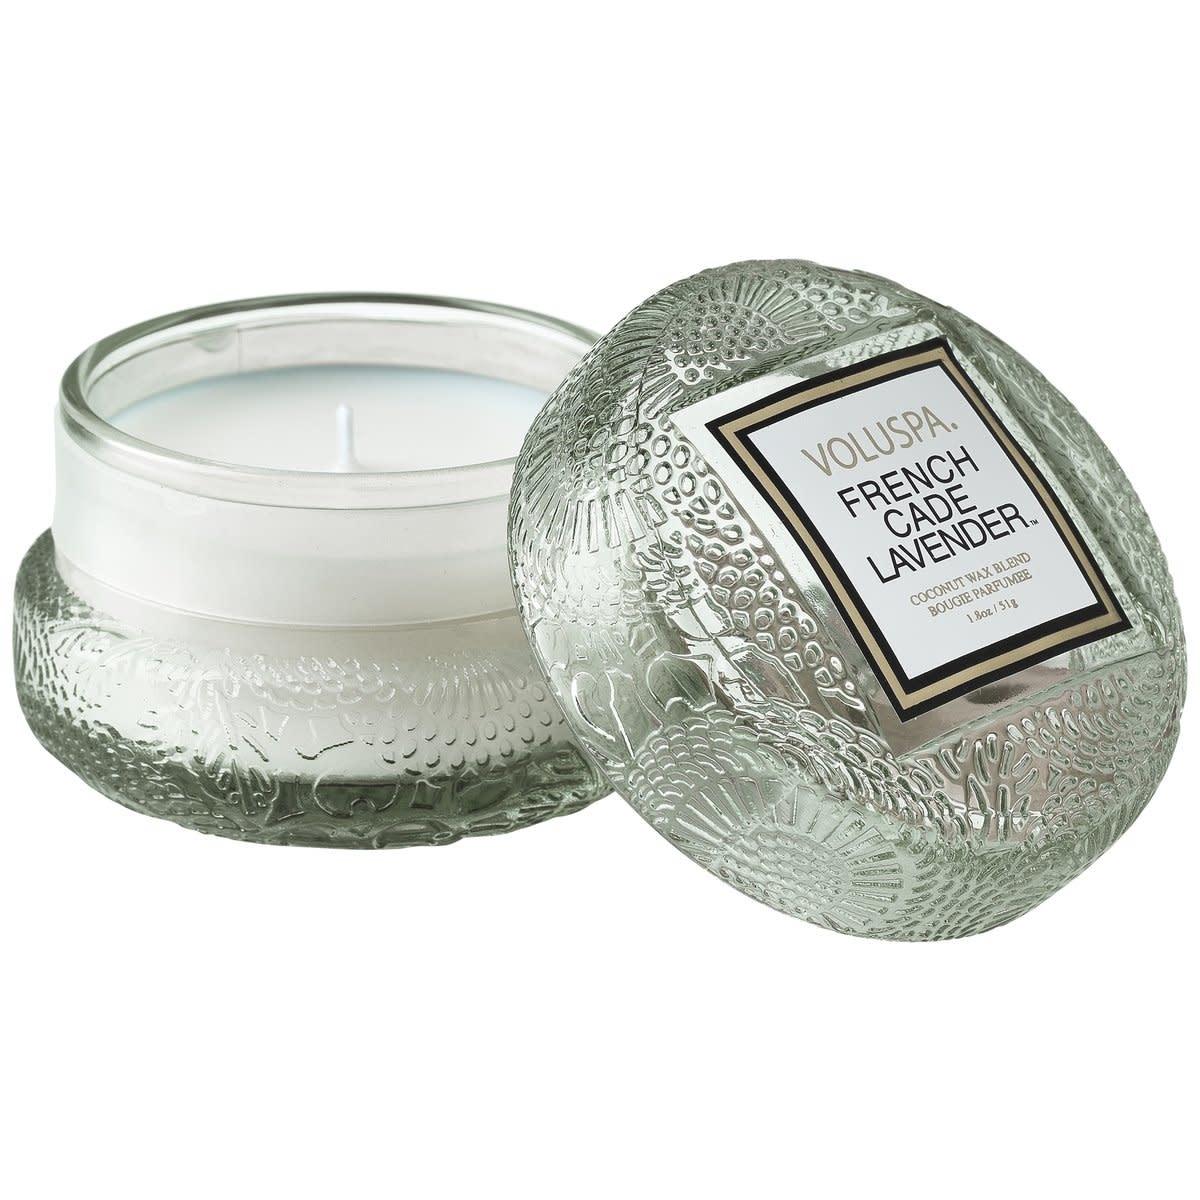 Frech Cade Lavender Macaron Candle-1